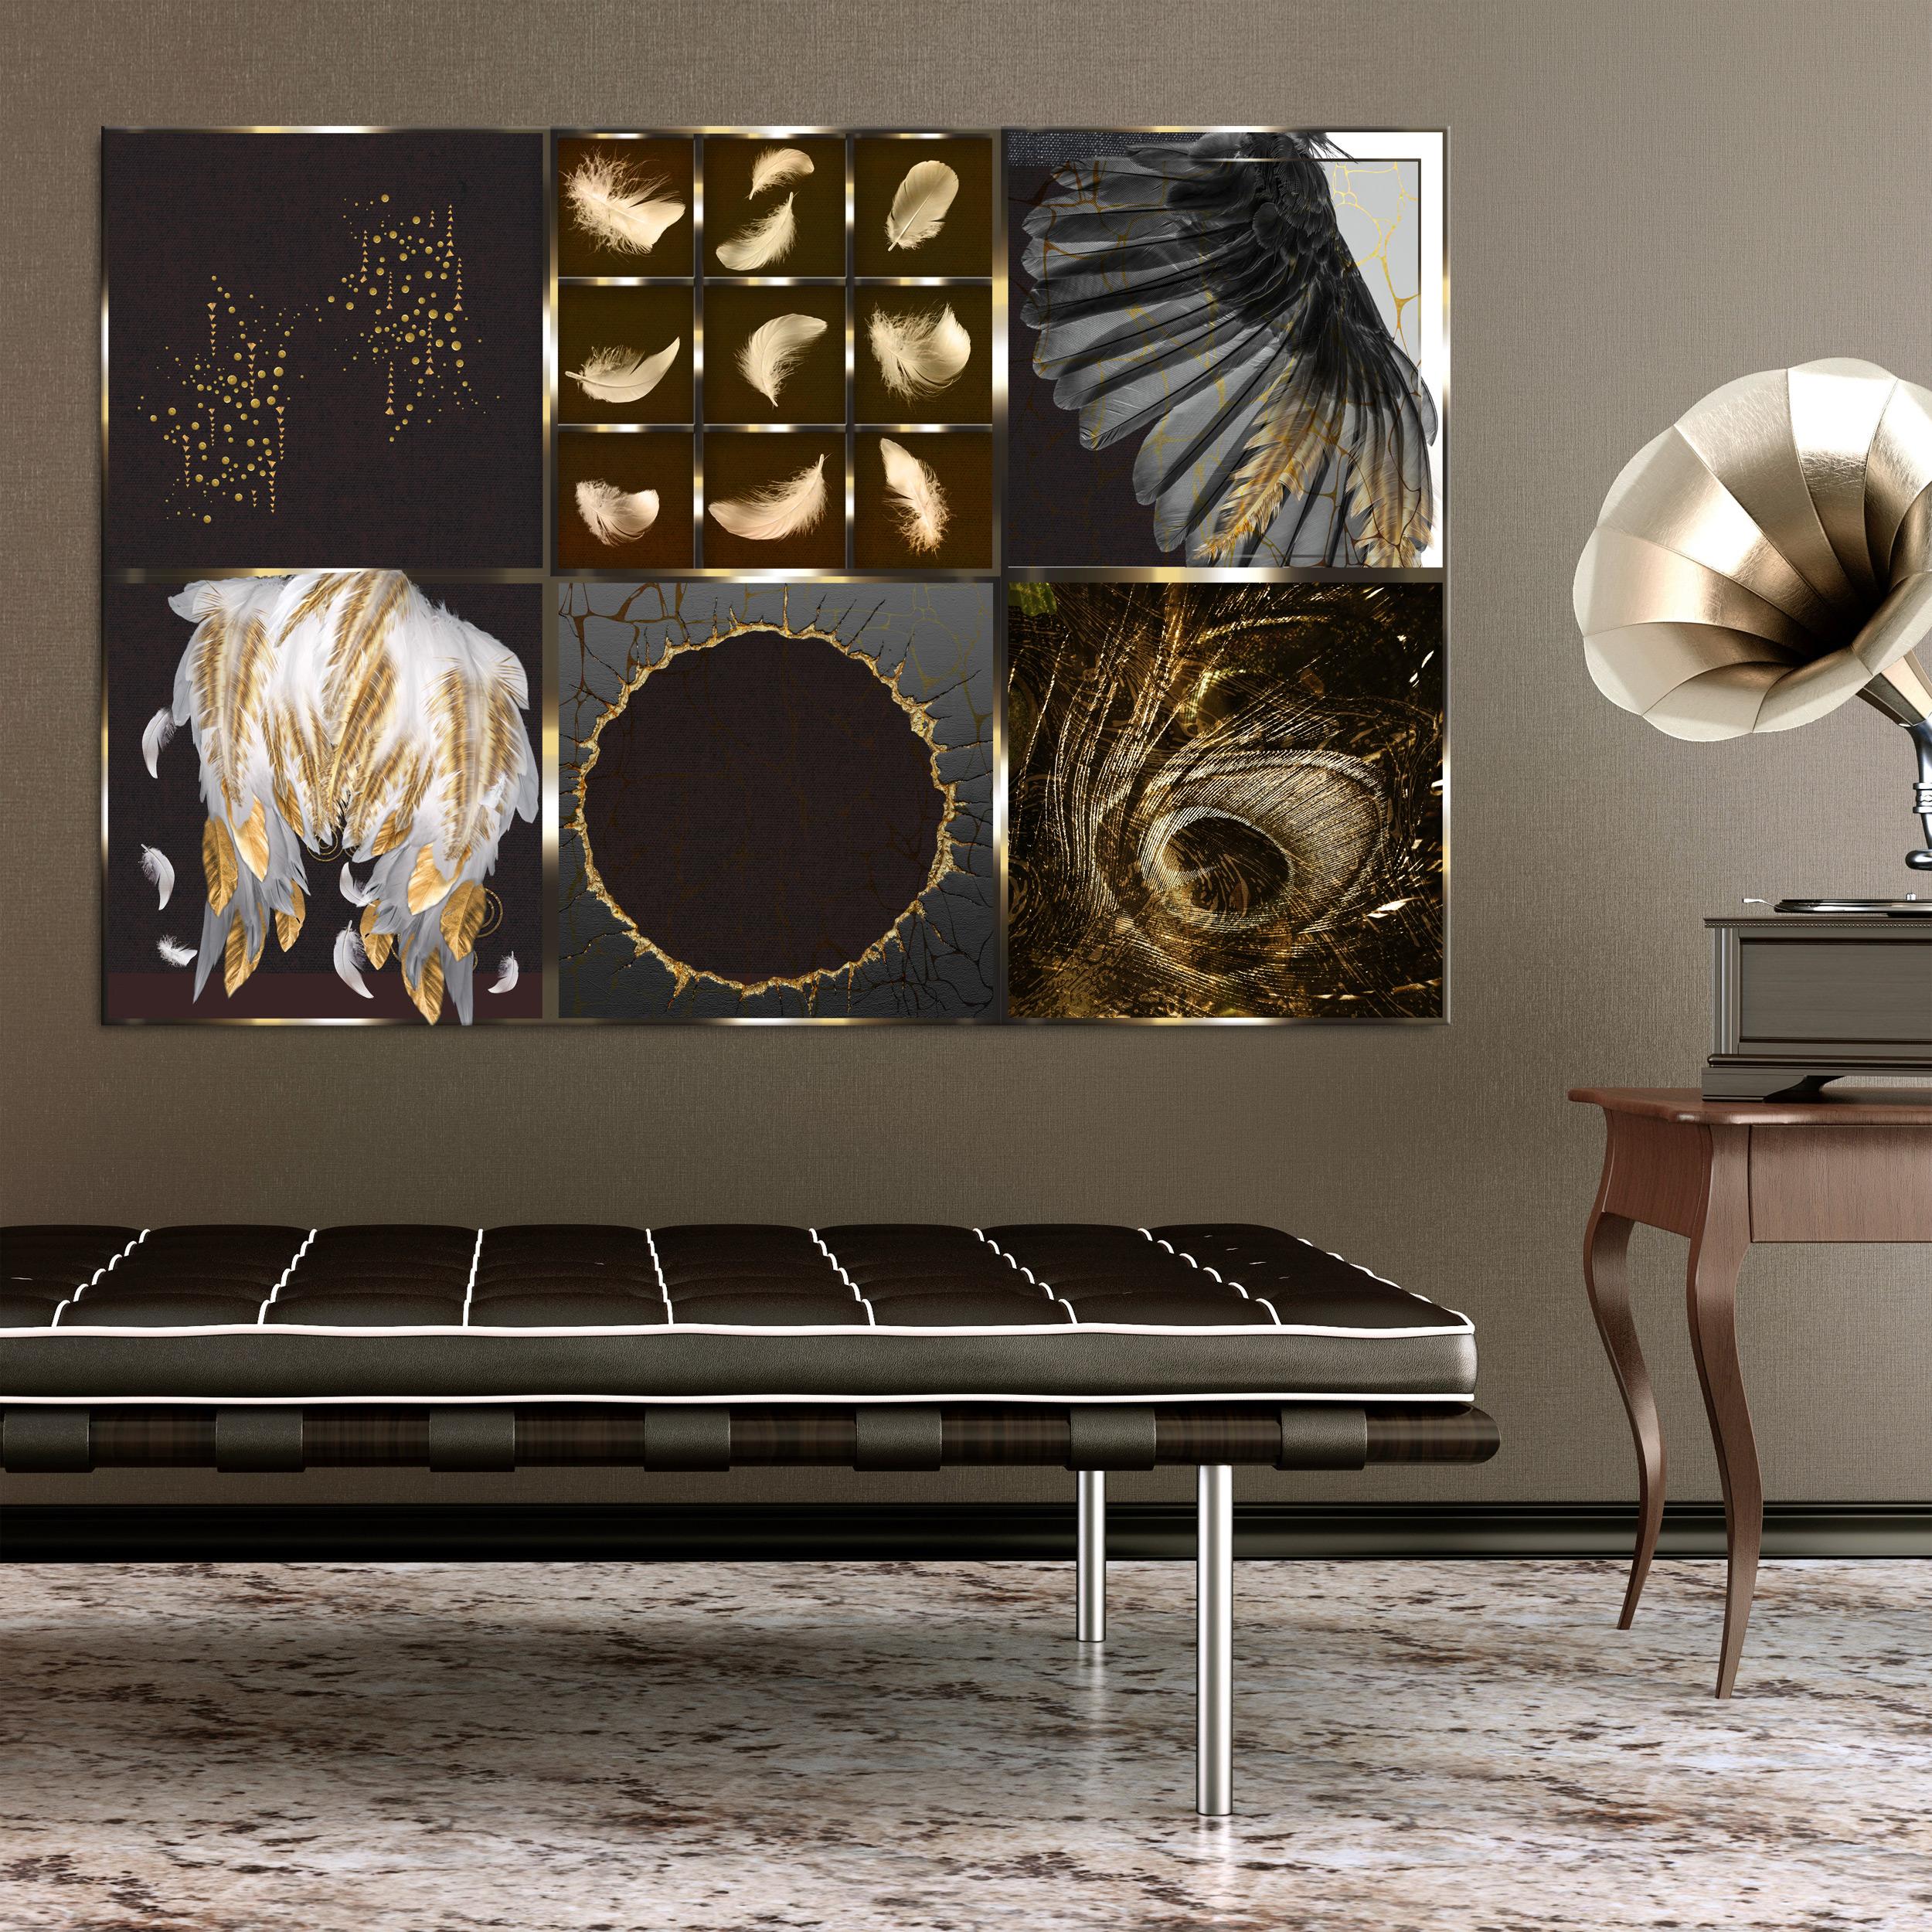 Gold Leinwand Bild Abstrakt Wand Bilder Xxl Deko Kunstdruck Wohnzimmer Schwarz Ebay